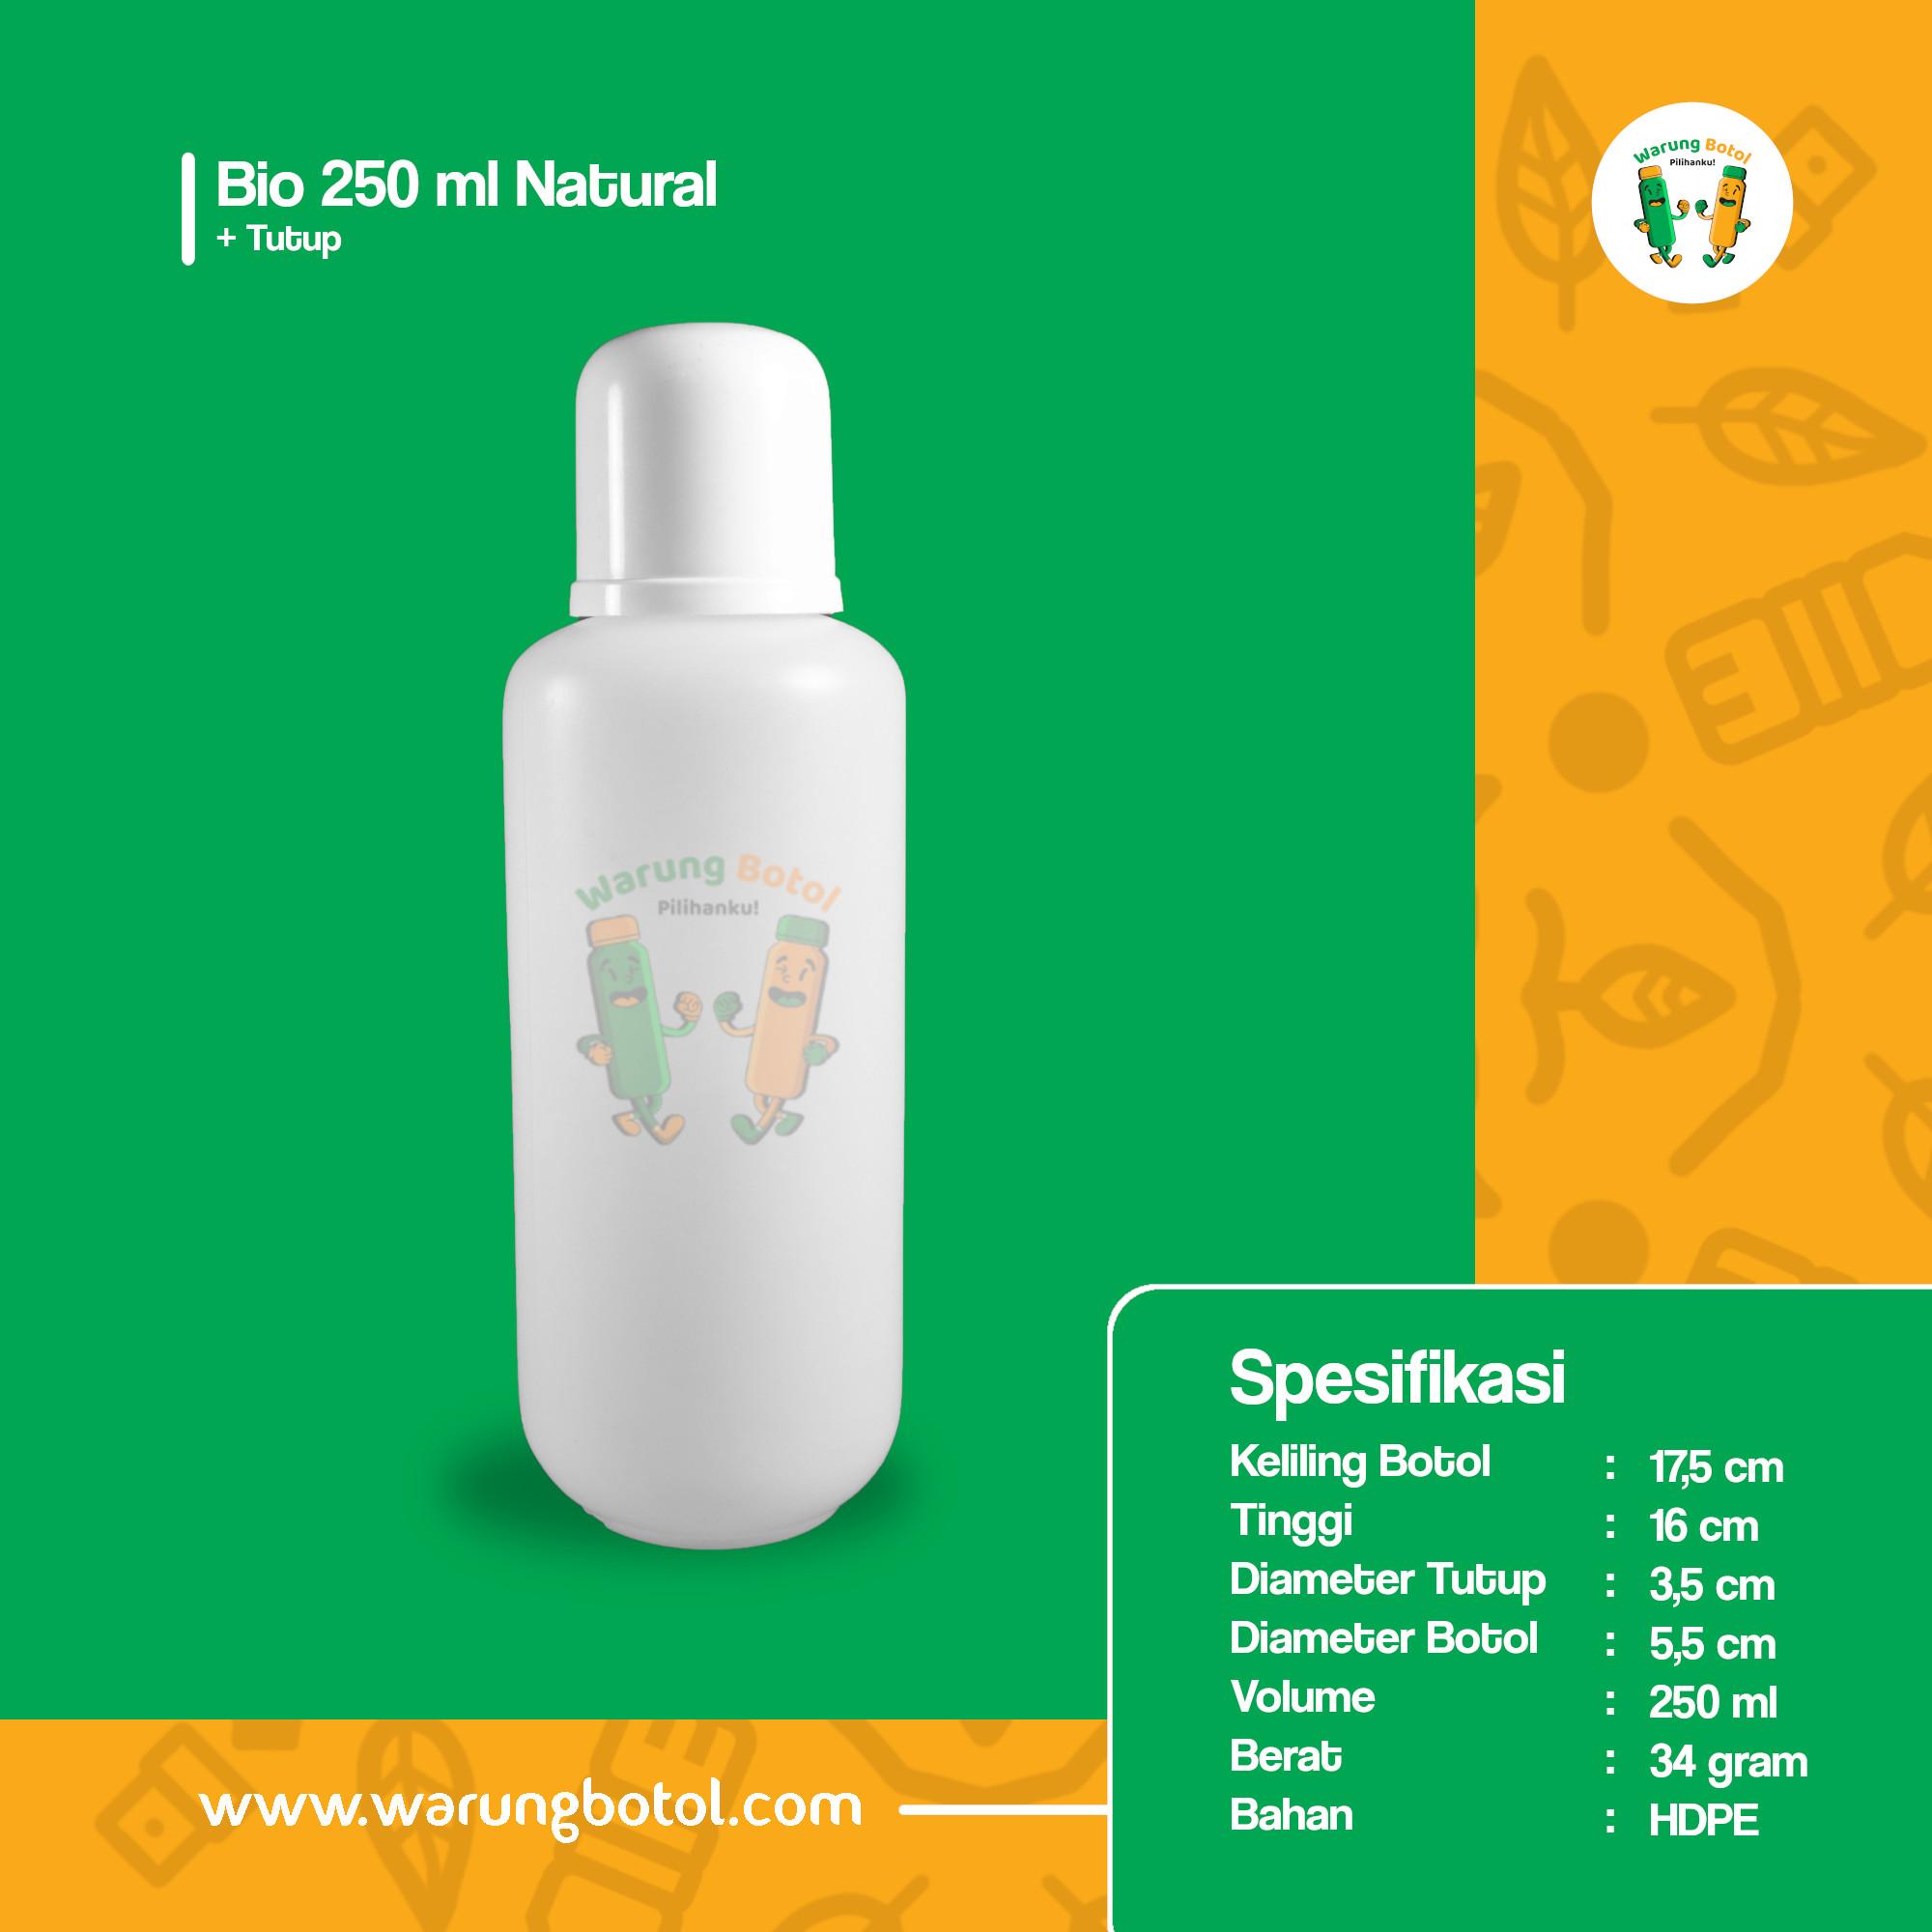 distributor toko  jual botol plastik air bio 250ml putih murah terdekat bandung jakarta bogor bekasi